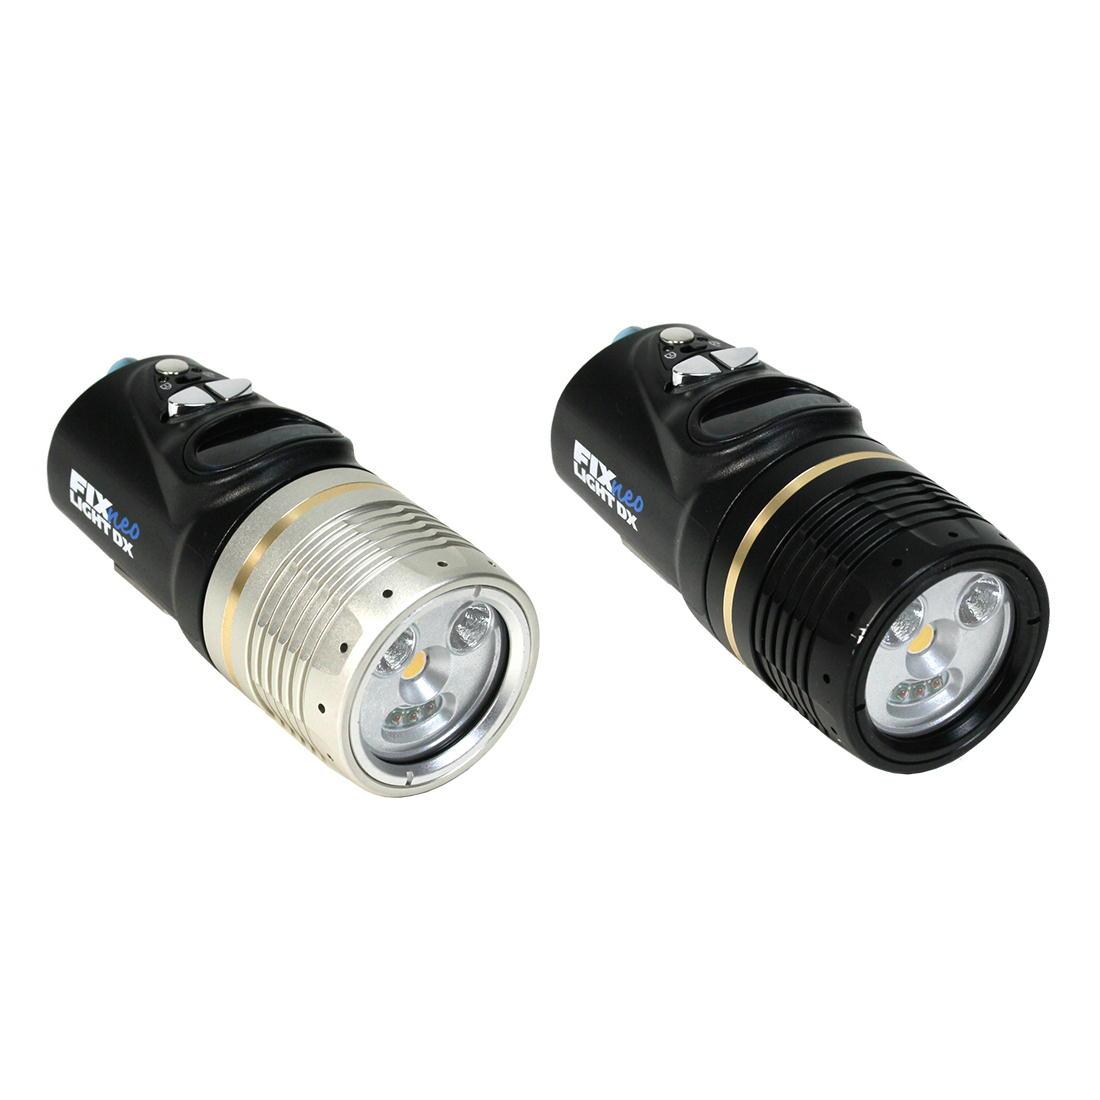 FIX NEO Premium 1500 DX SWR II 水中ライト